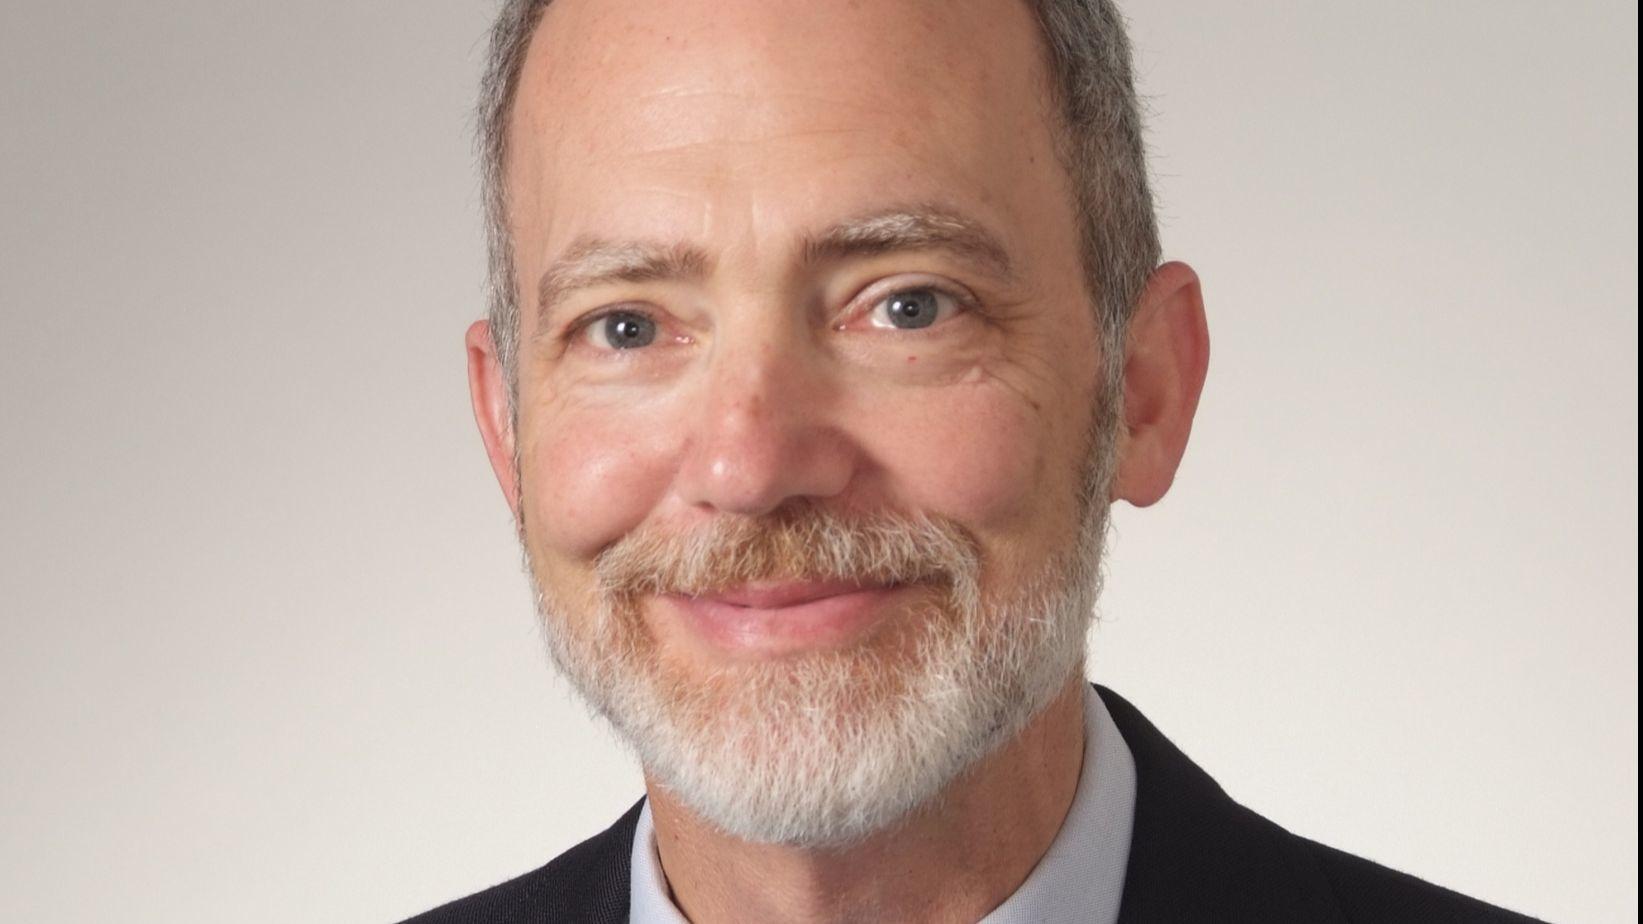 Dr. Gregory J. Davis